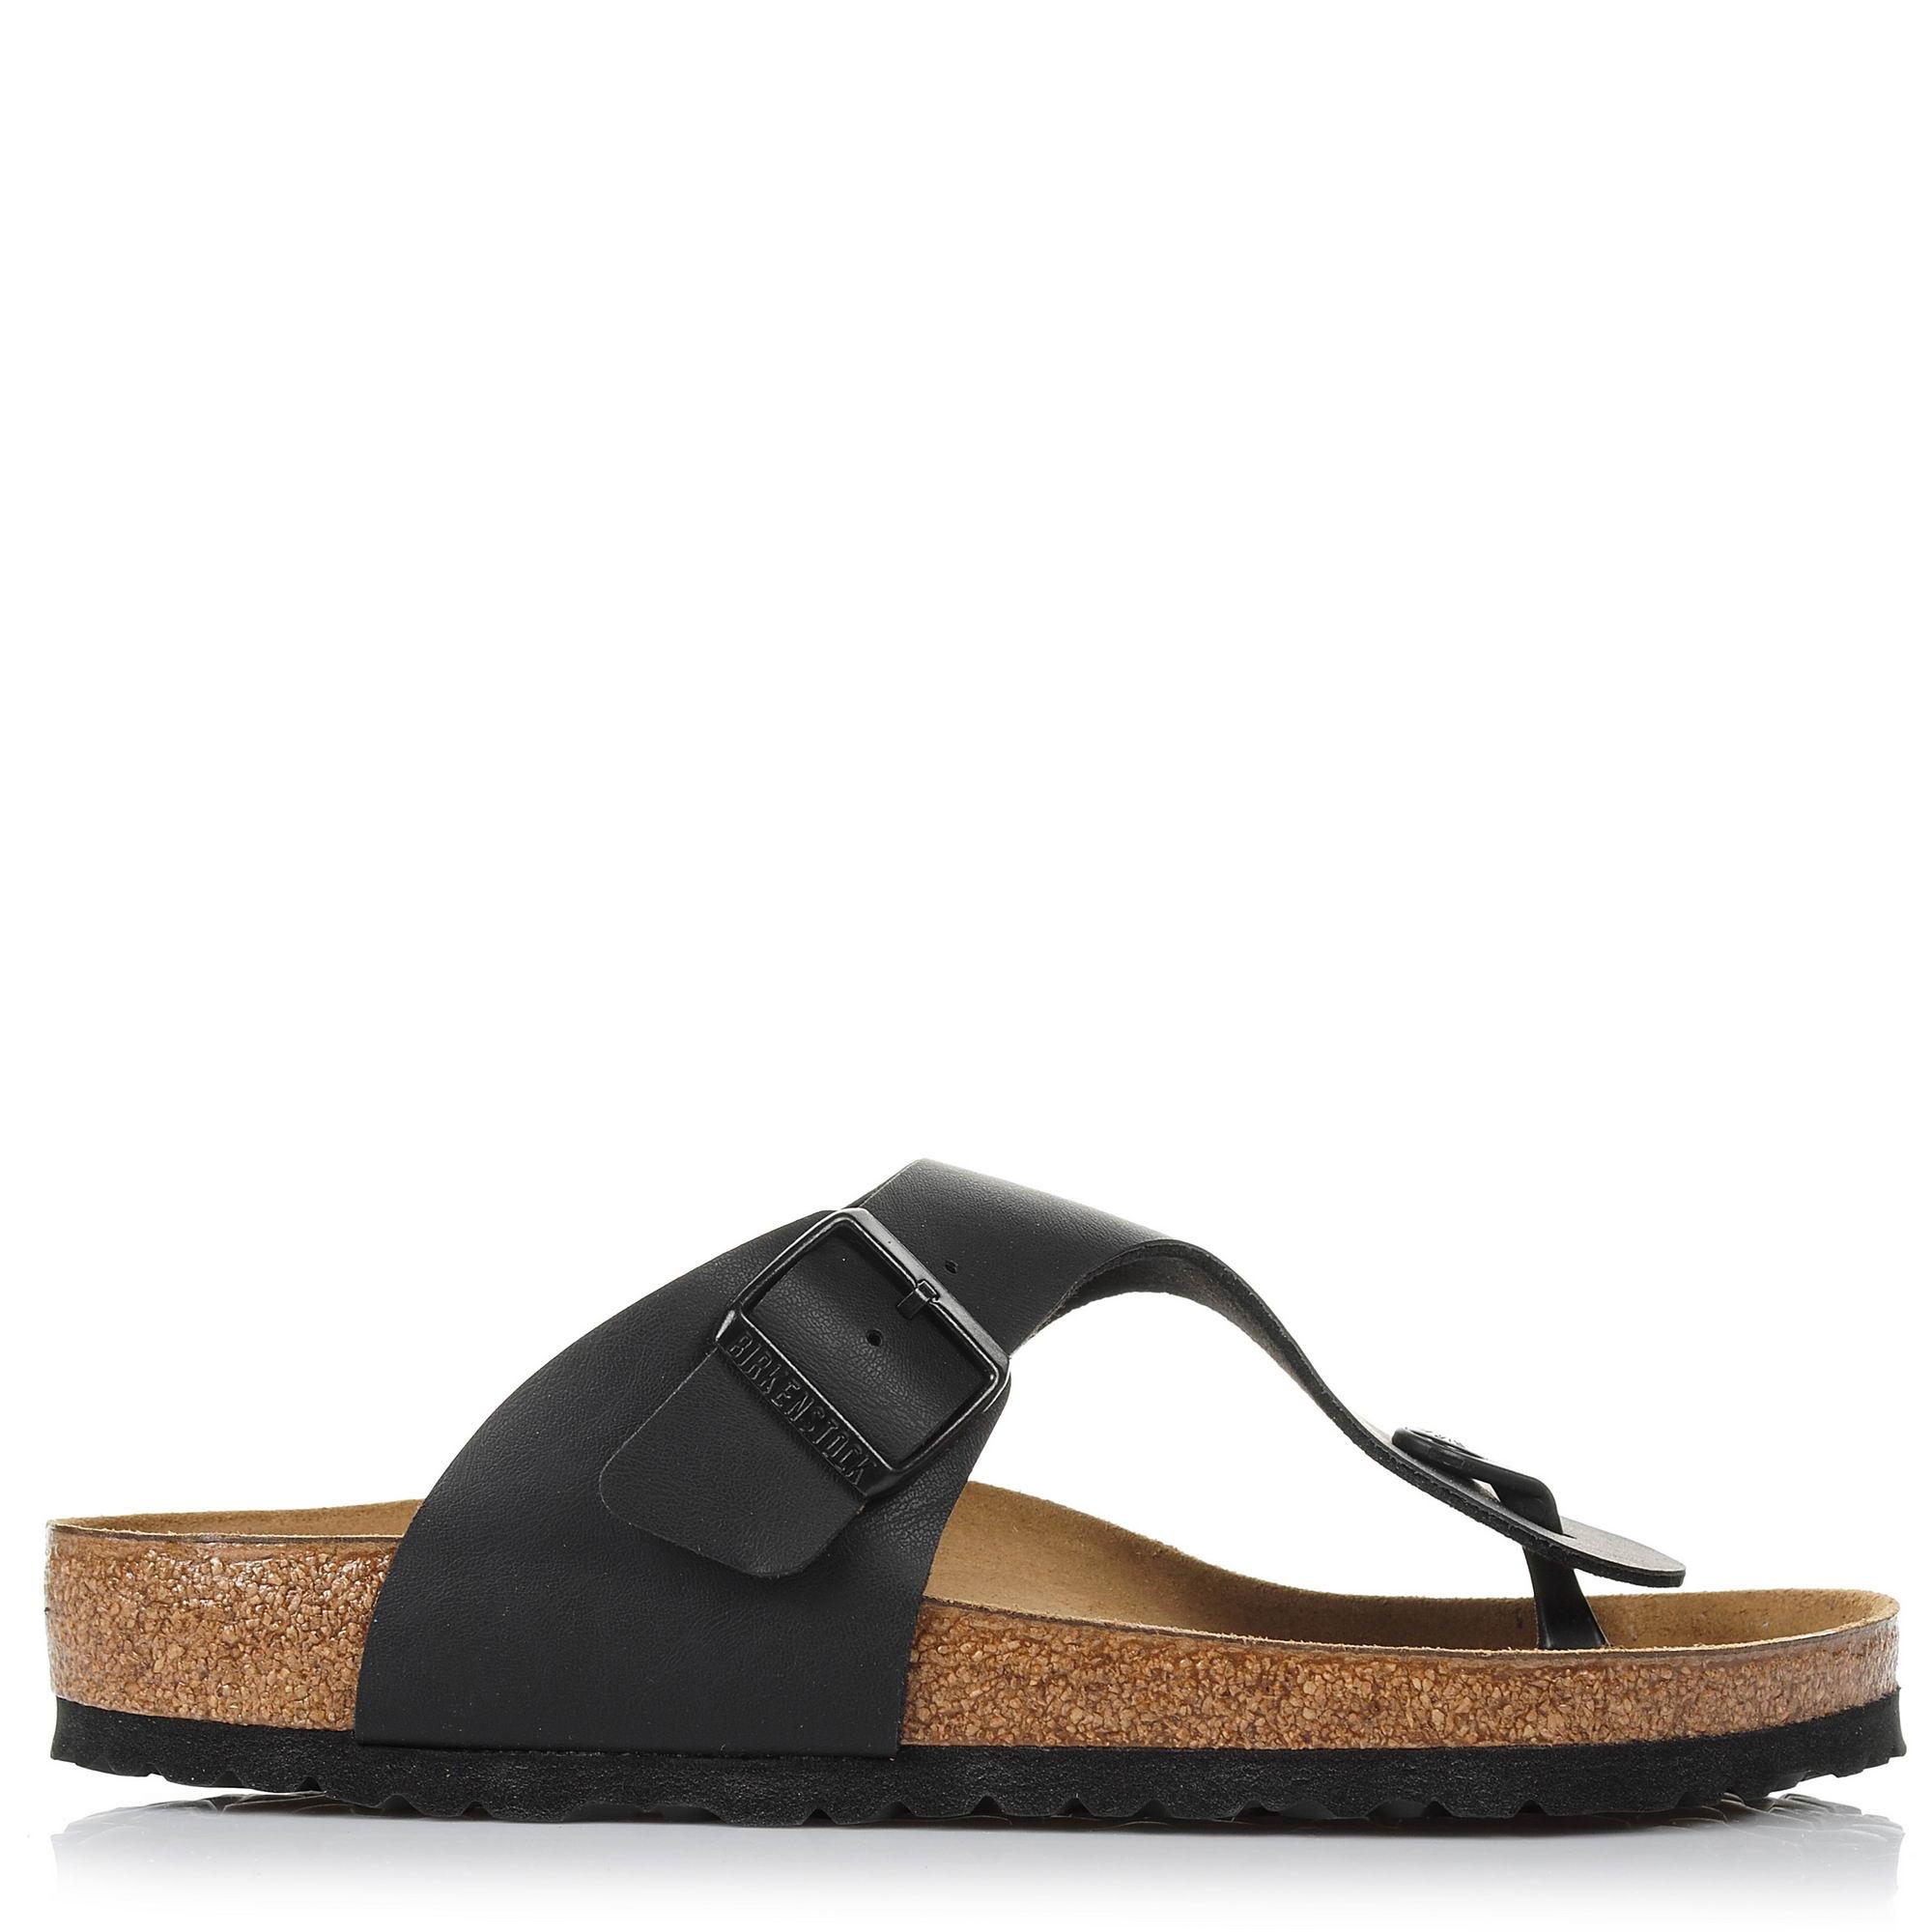 Σανδάλια Birkenstock Ramses BS 0044791 ανδρας   ανδρικό παπούτσι